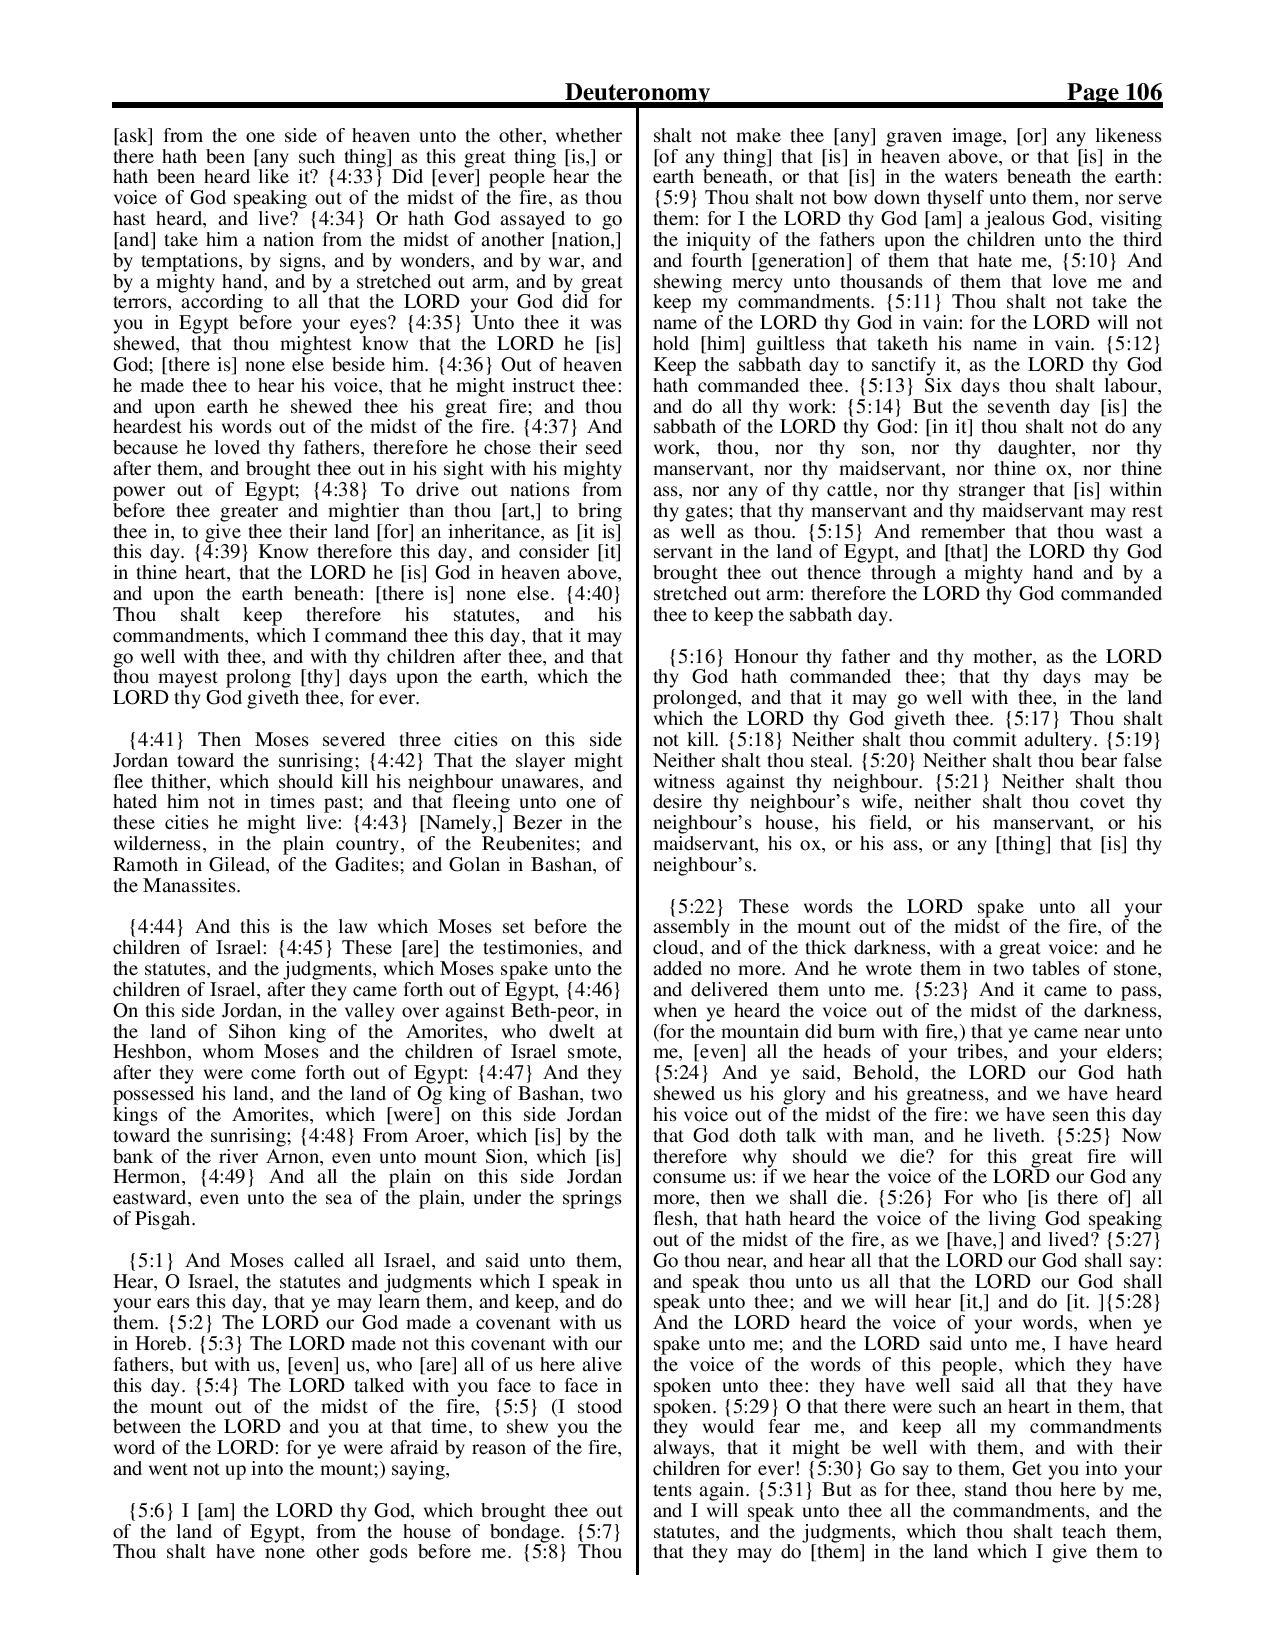 King-James-Bible-KJV-Bible-PDF-page-127